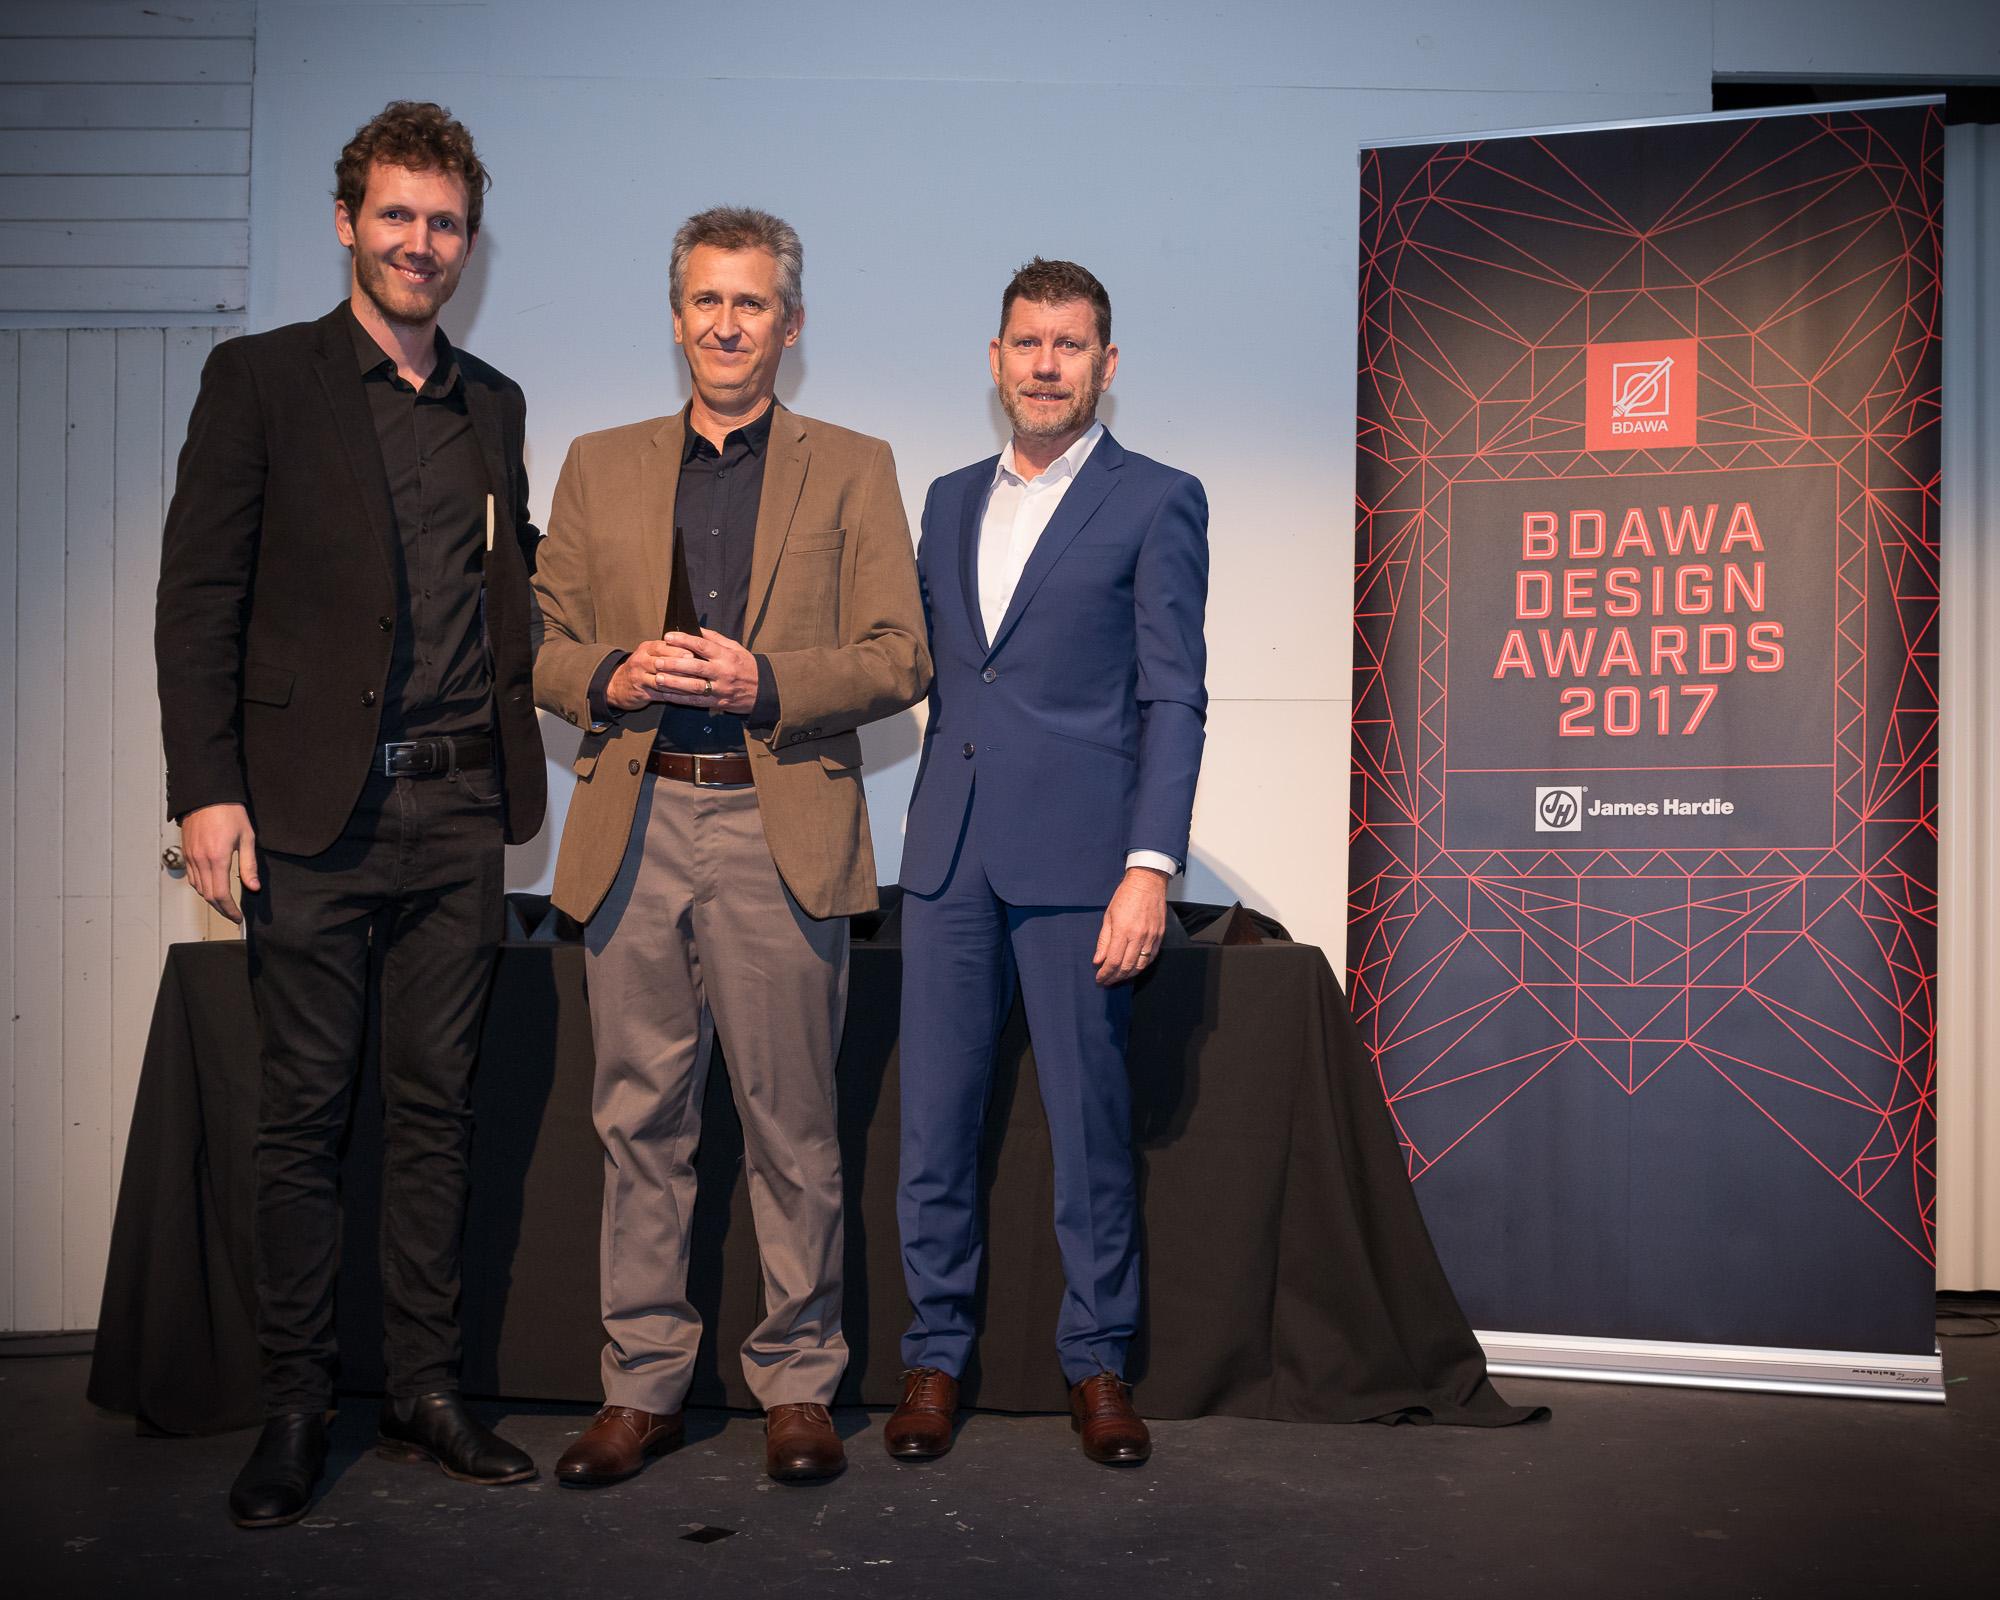 0163 BDA WA Awards 2017 _JHG7425.jpg